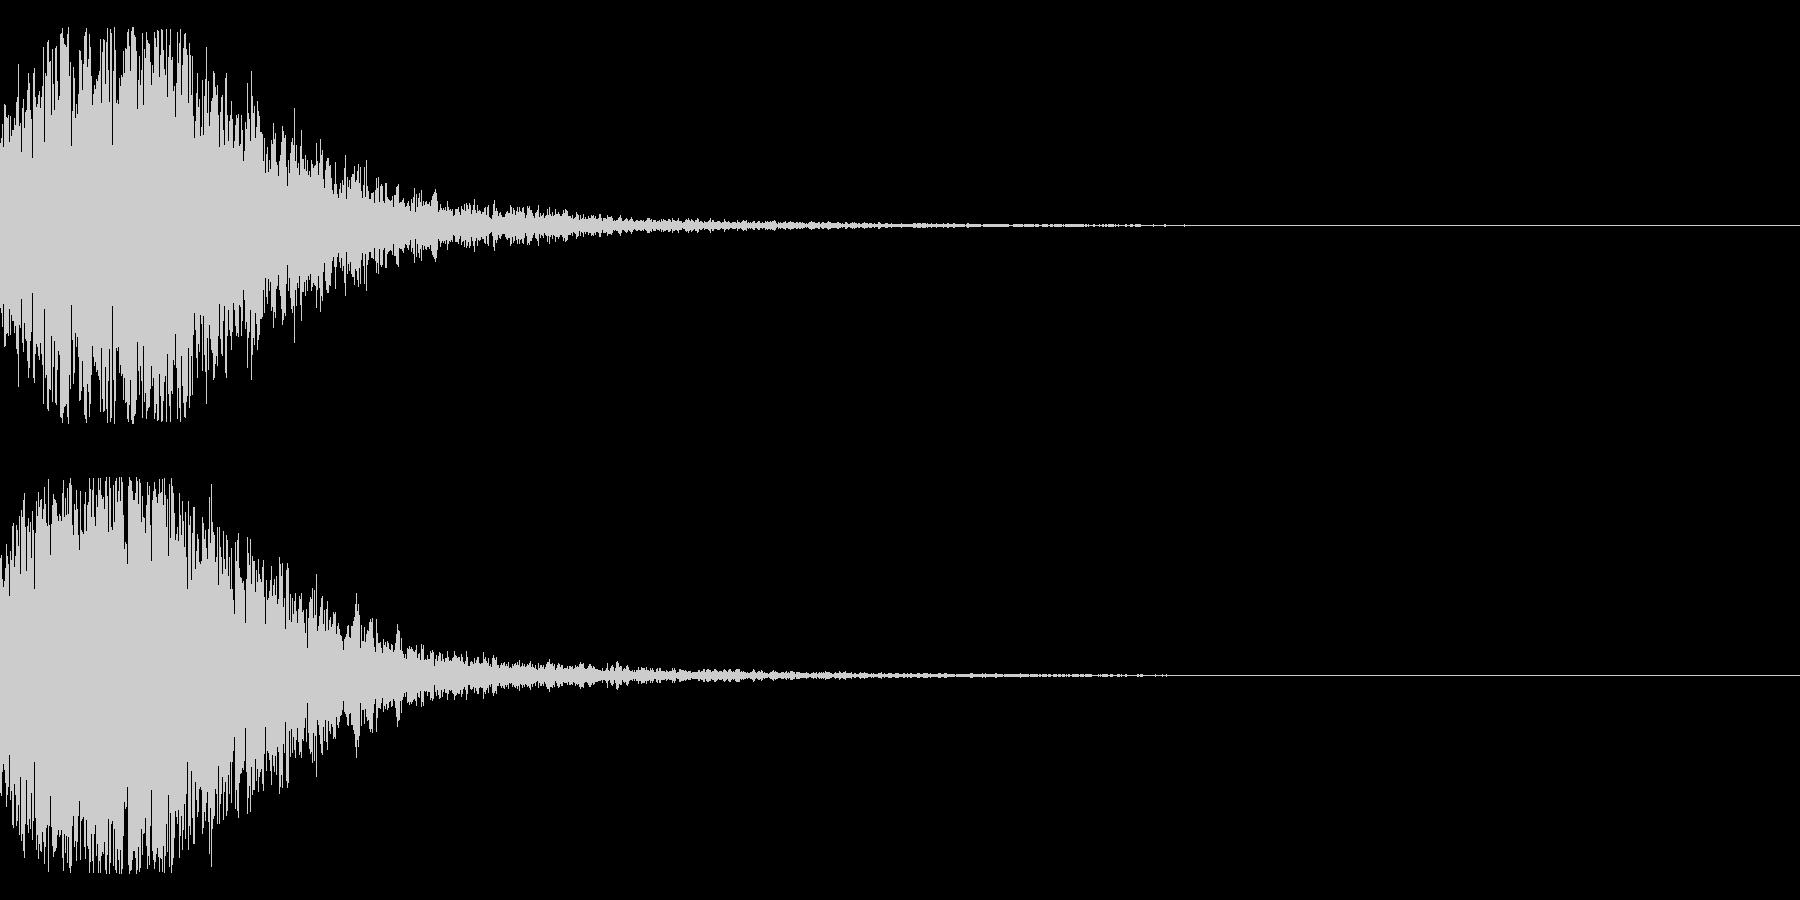 和風 オーケストラヒット ジングル!2bの未再生の波形